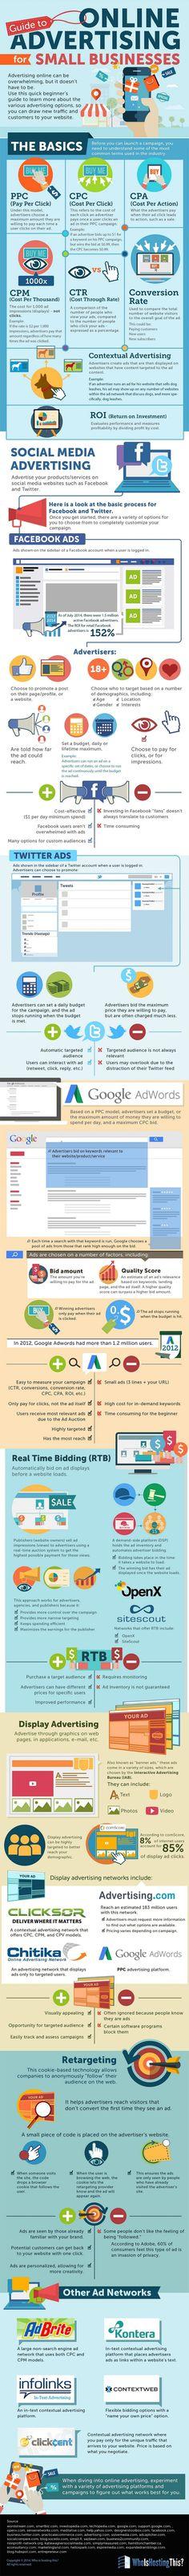 Online Advertising Guide for Small Business. Guia de Publicidade Online para Pequenos Negócios